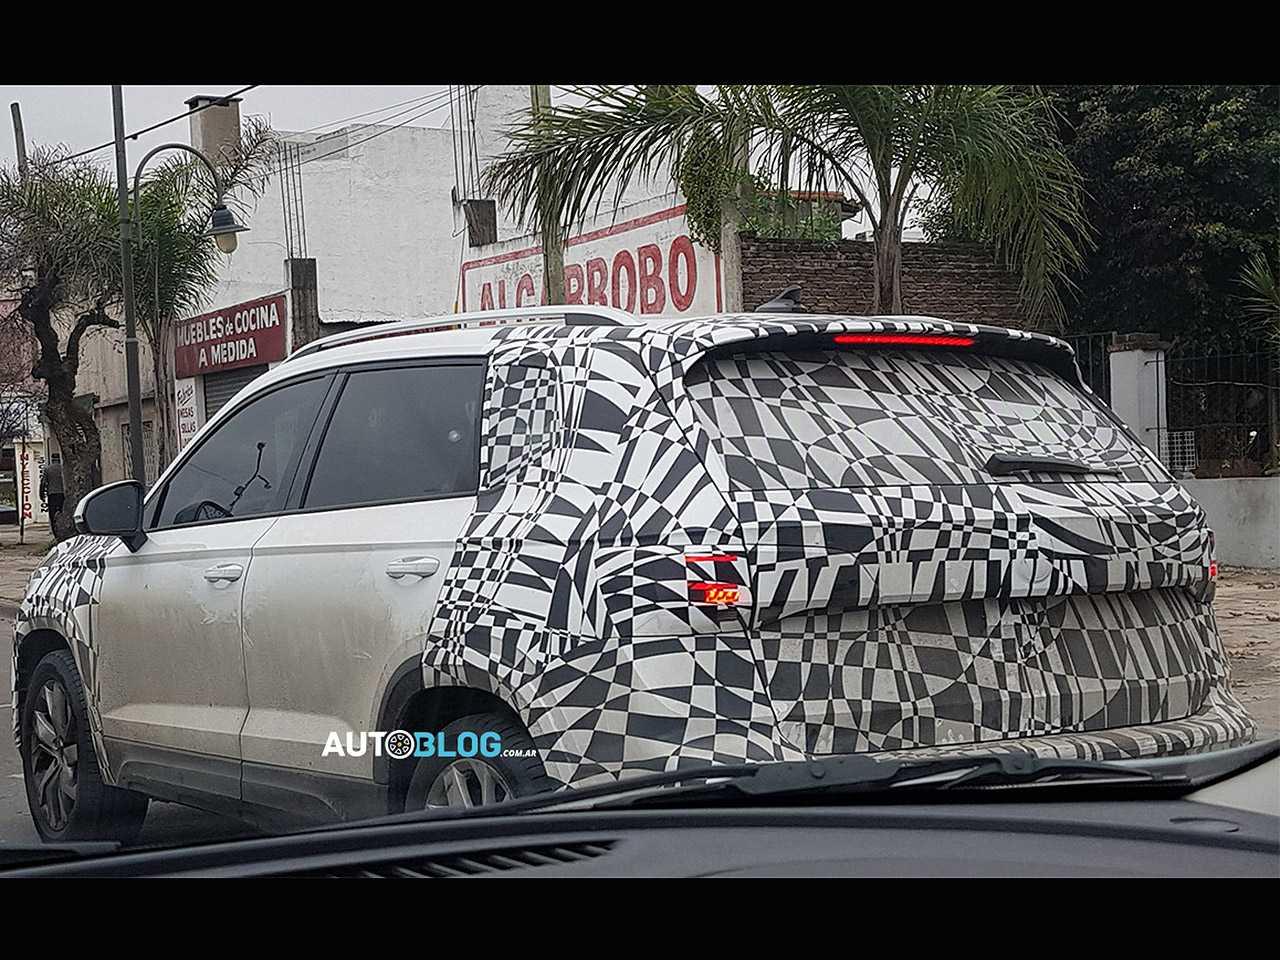 Flagra do futuro SUV médio da VW: modelo será produzido na Argentina para abastecer Brasil e região